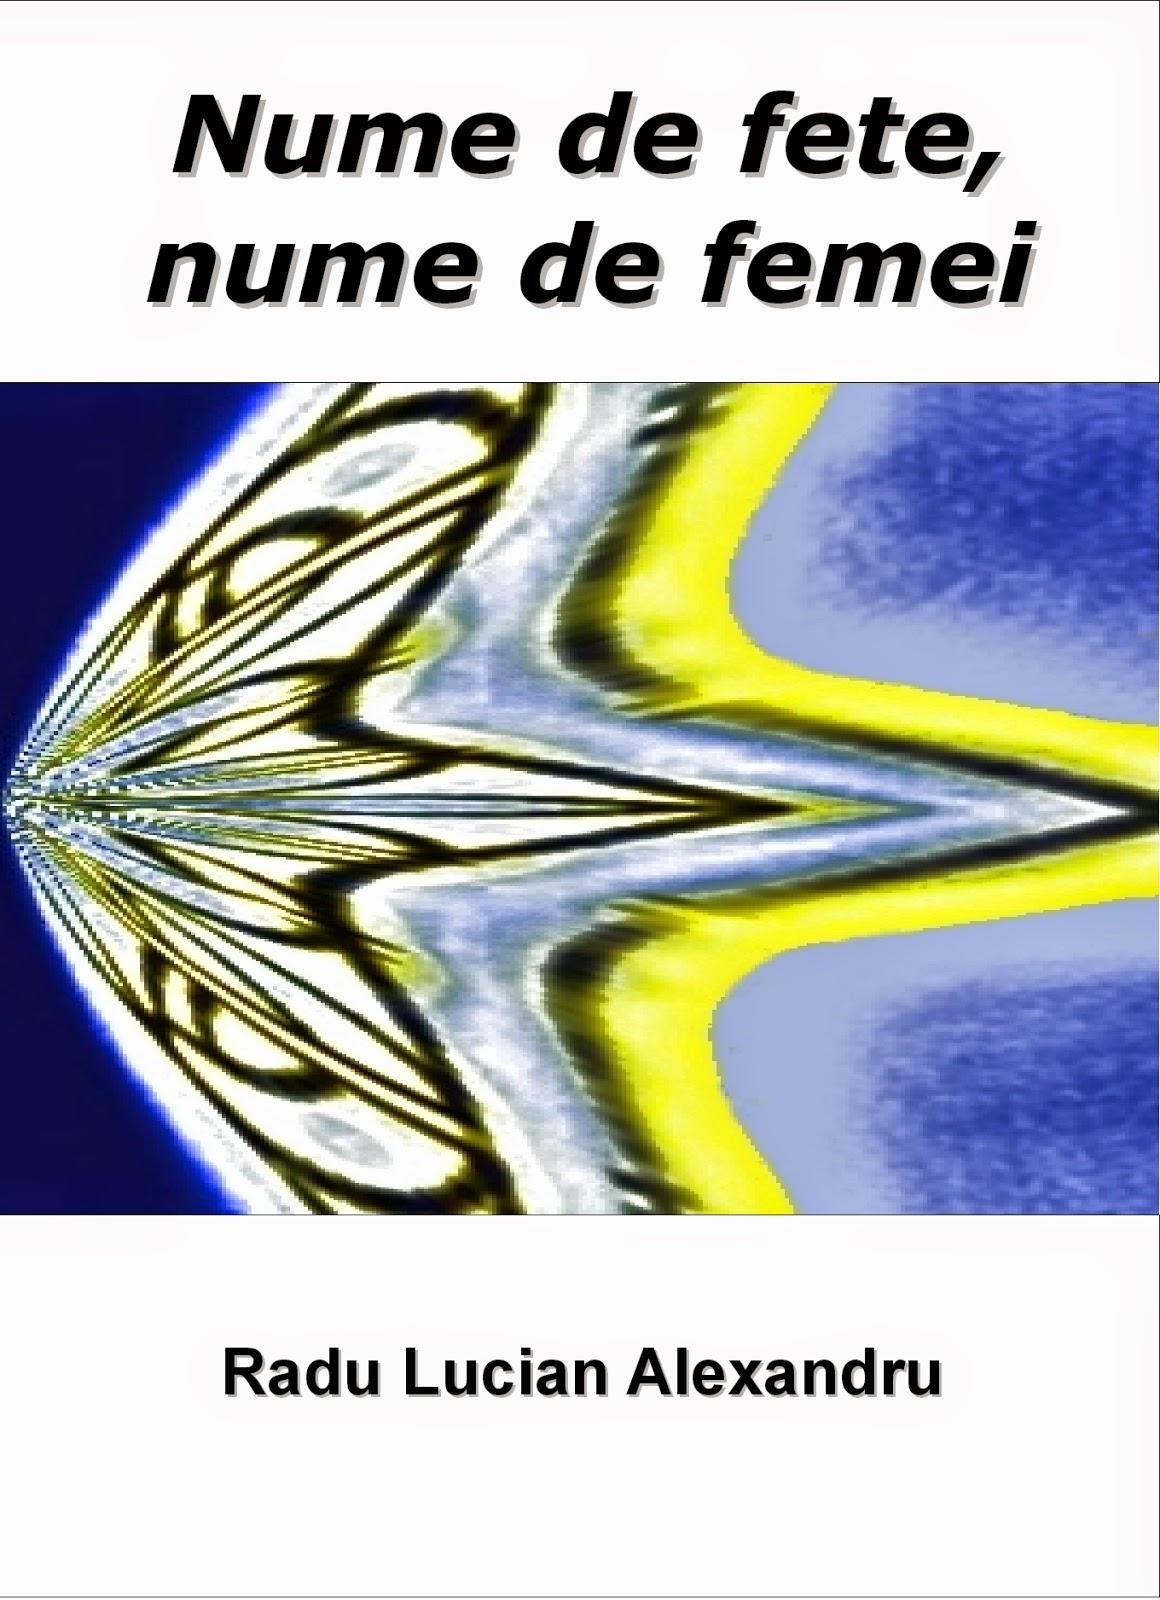 http://calatorieprinconstiinta.files.wordpress.com/2013/03/nume-de-fete-nume-de-femei-radu-lucian-alexandru.pdf